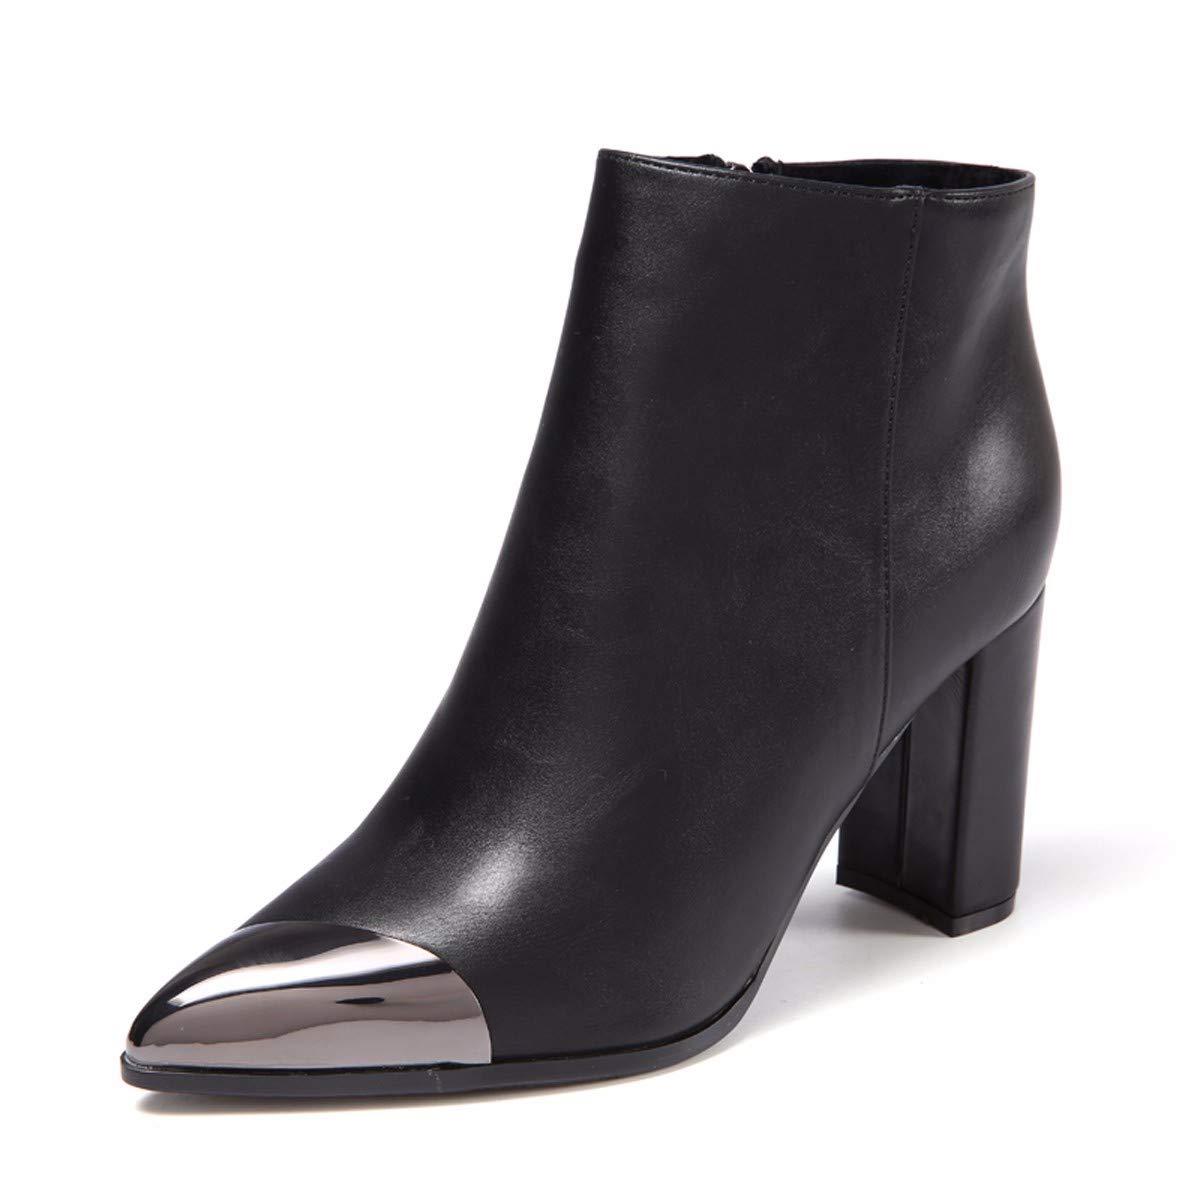 noir Thirty-six HBDLH Chaussures pour Femmes Rude Talon Martin Bottes La Hauteur du Talon 9Cm Côté Zipper Métal Tips Bottes